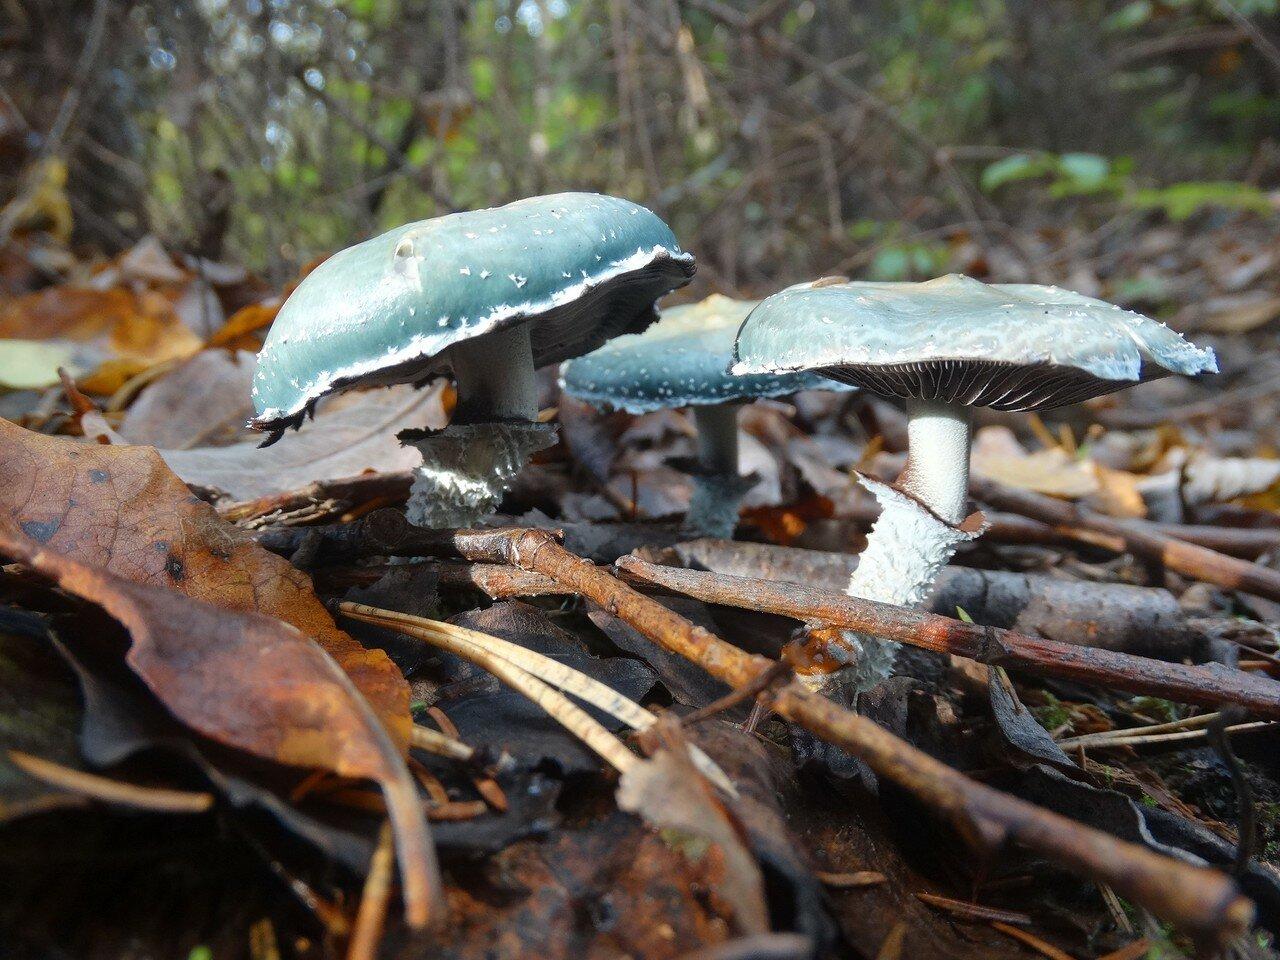 Строфария сине-зелёная (Stropharia aeruginosa). Автор фото: Привалова Марина